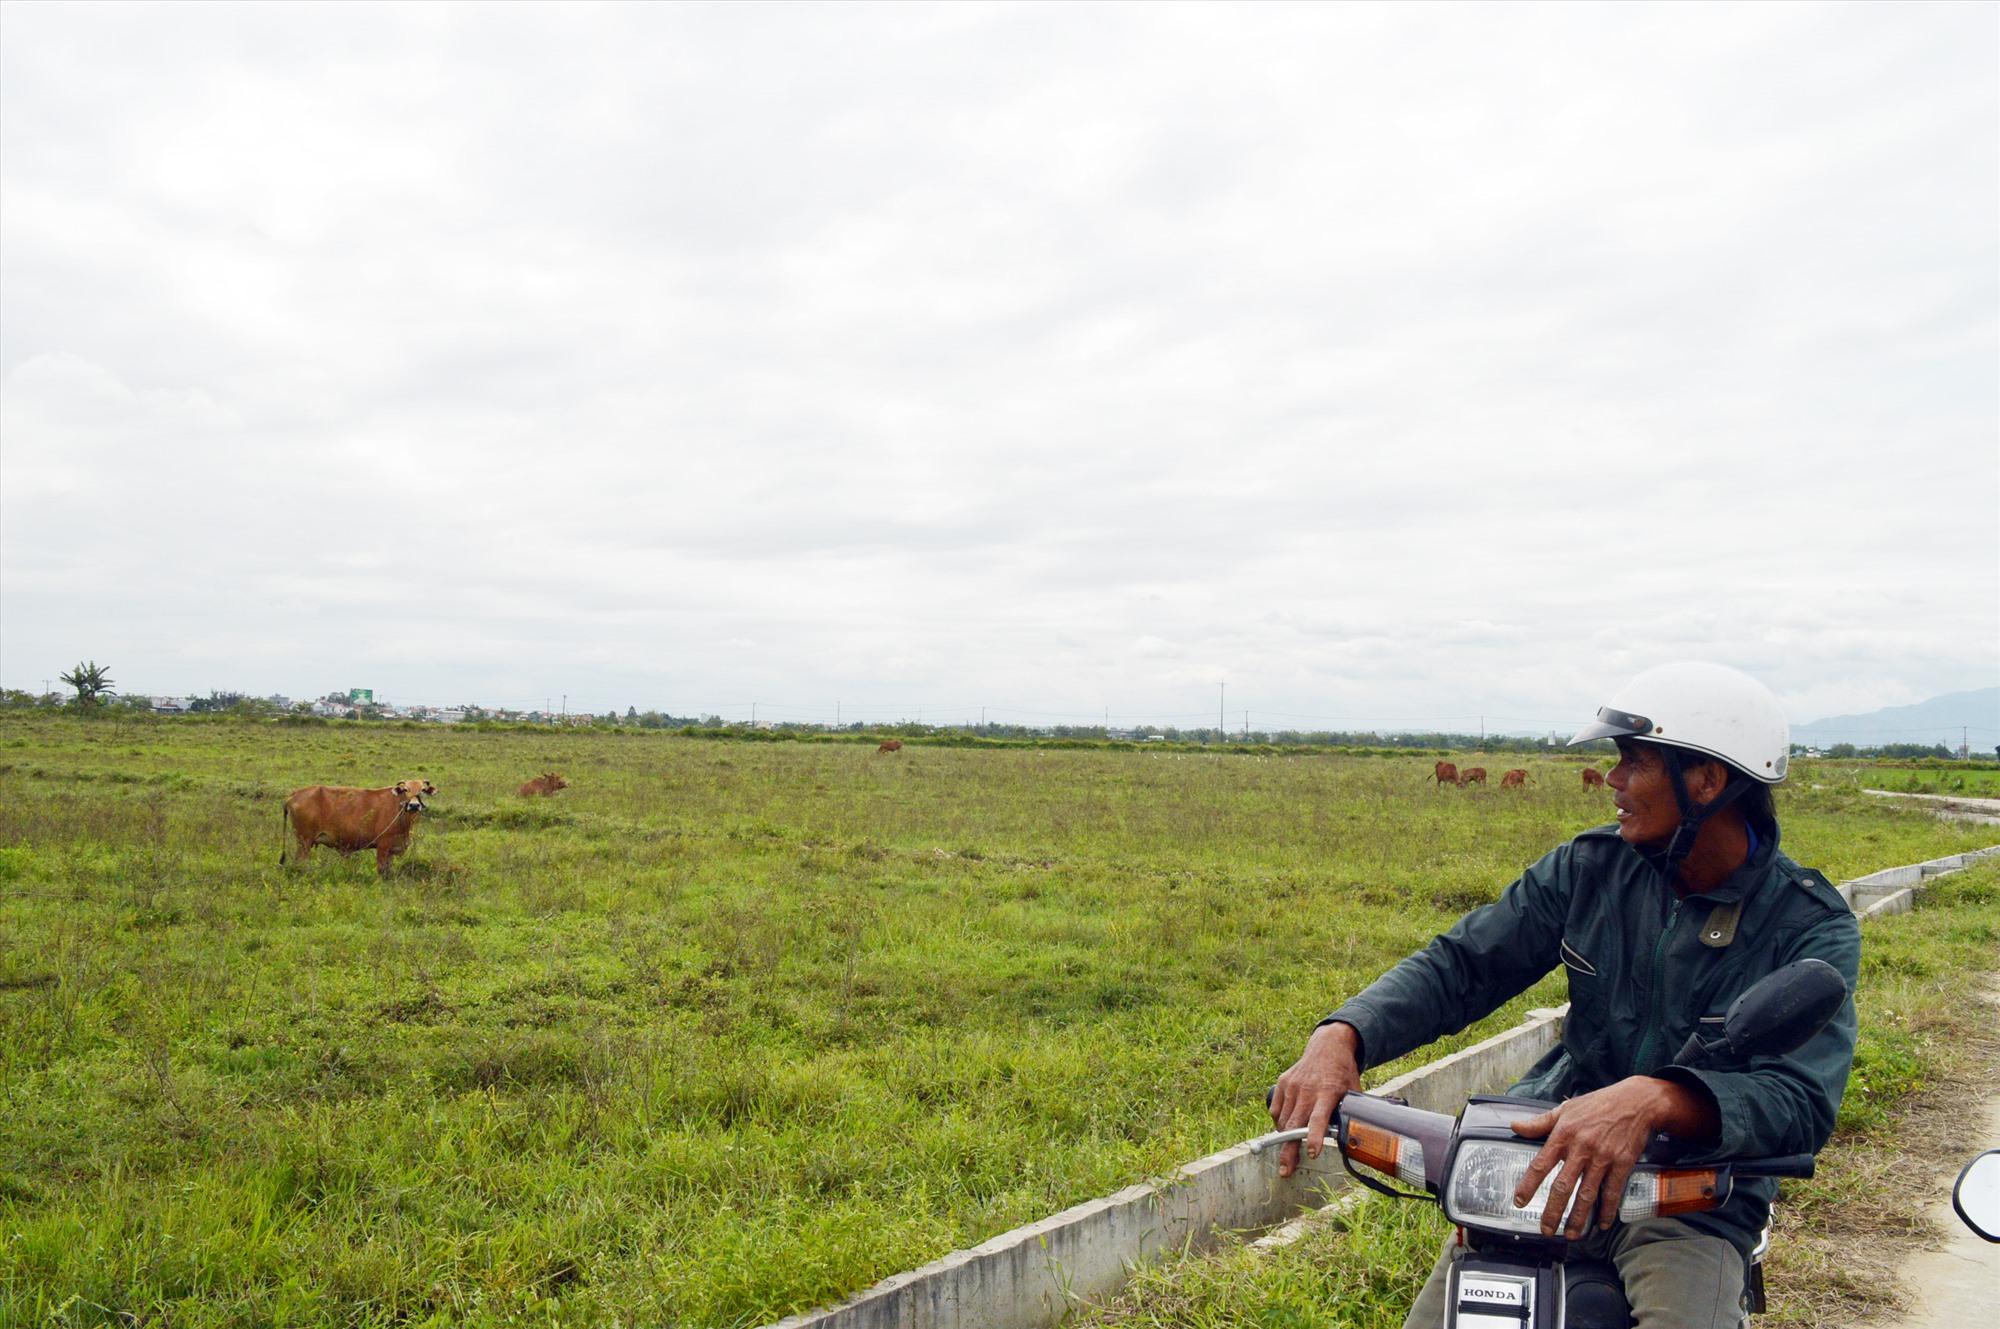 Nhiều diện tích ruộng của Điện Bàn đã bị bỏ hoang. Ảnh: K.L